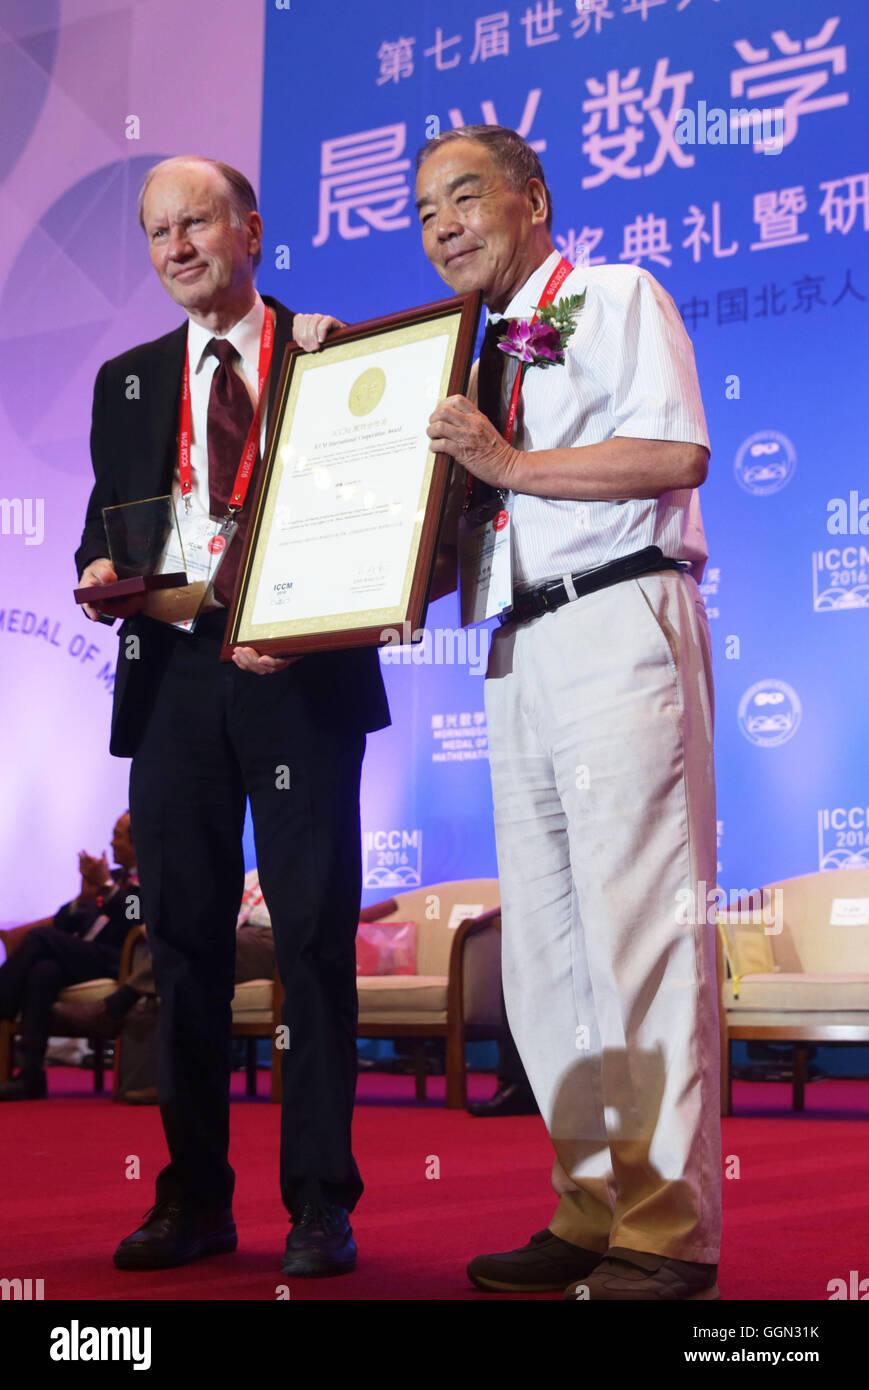 (160806) -- BEIJING, Agosto 6, 2016 (Xinhua) -- Bjorn Engquist (L), la Presidencia de la computación y matemáticas aplicadas en la Universidad de Texas en Austin, recibe el Premio de Cooperación Internacional ICCM en la ceremonia de inauguración del 7º Congreso Internacional de Matemáticos chinos (ICCM) en Beijing, capital de China, el 6 de agosto, 2016. El congreso es un evento trienal que reúne a chinos de ultramar y matemáticos para la discusión de la evolución de las matemáticas. (Xinhua/Cai Yang)(wjq) Foto de stock